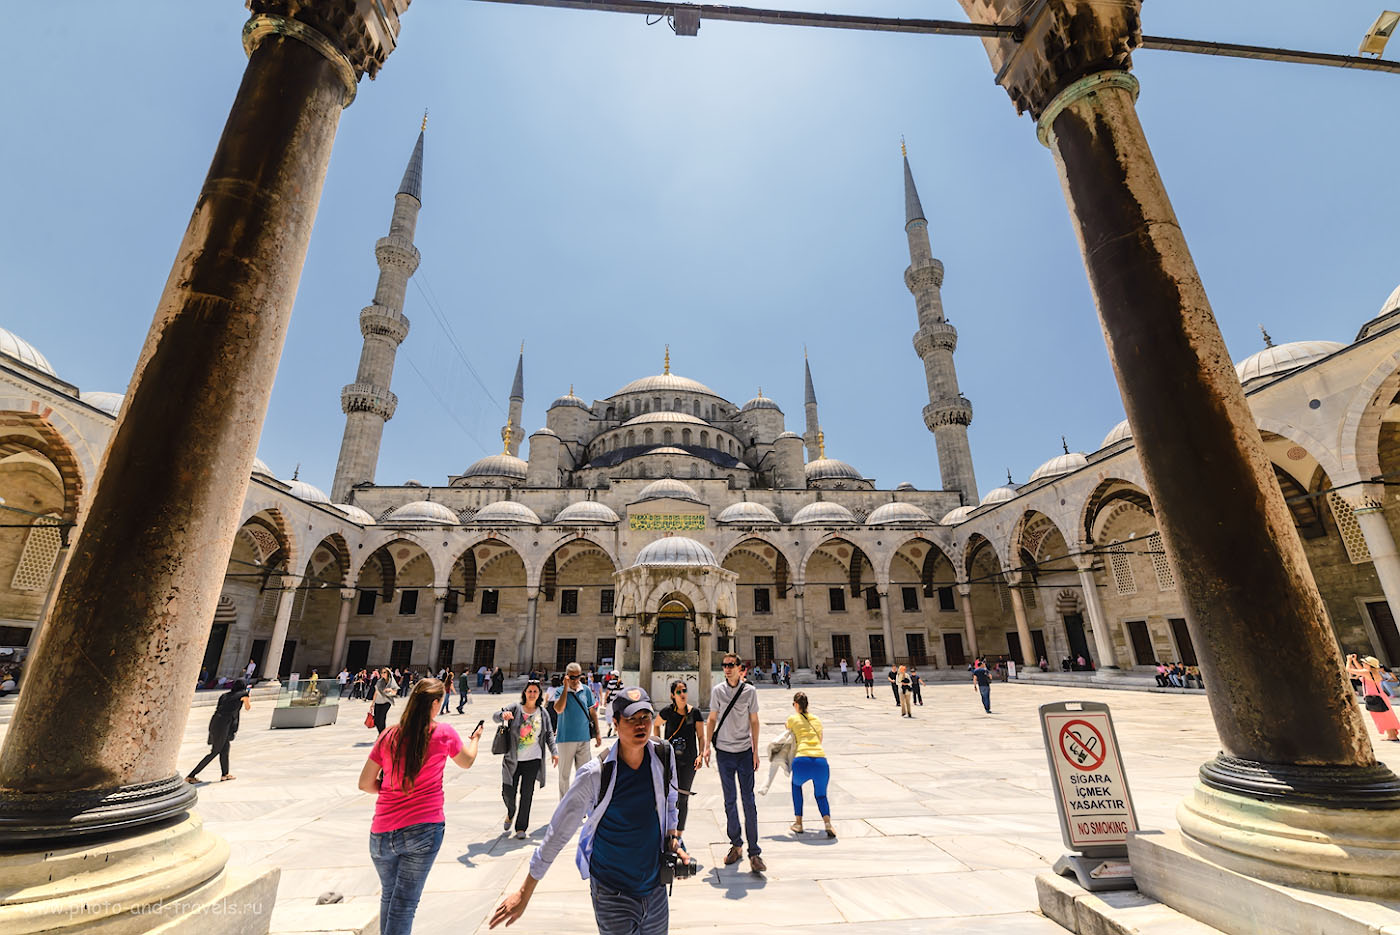 Фото 2. Голубая мечеть. Отзывы туристов об экскурсиях в Стамбуле. Поездка в Турцию в отпуск. Снято на полнокадровый фотоаппарат Nikon D610 со сверхширокоугольным объективом Samyang 14mm f/2.8. Параметры съемки: выдержка 1/640 секунды, экспокоррекция составляет «-1,33EV», диафрагма f/8.0, ISO 125, фокусное расстояние 14 мм.